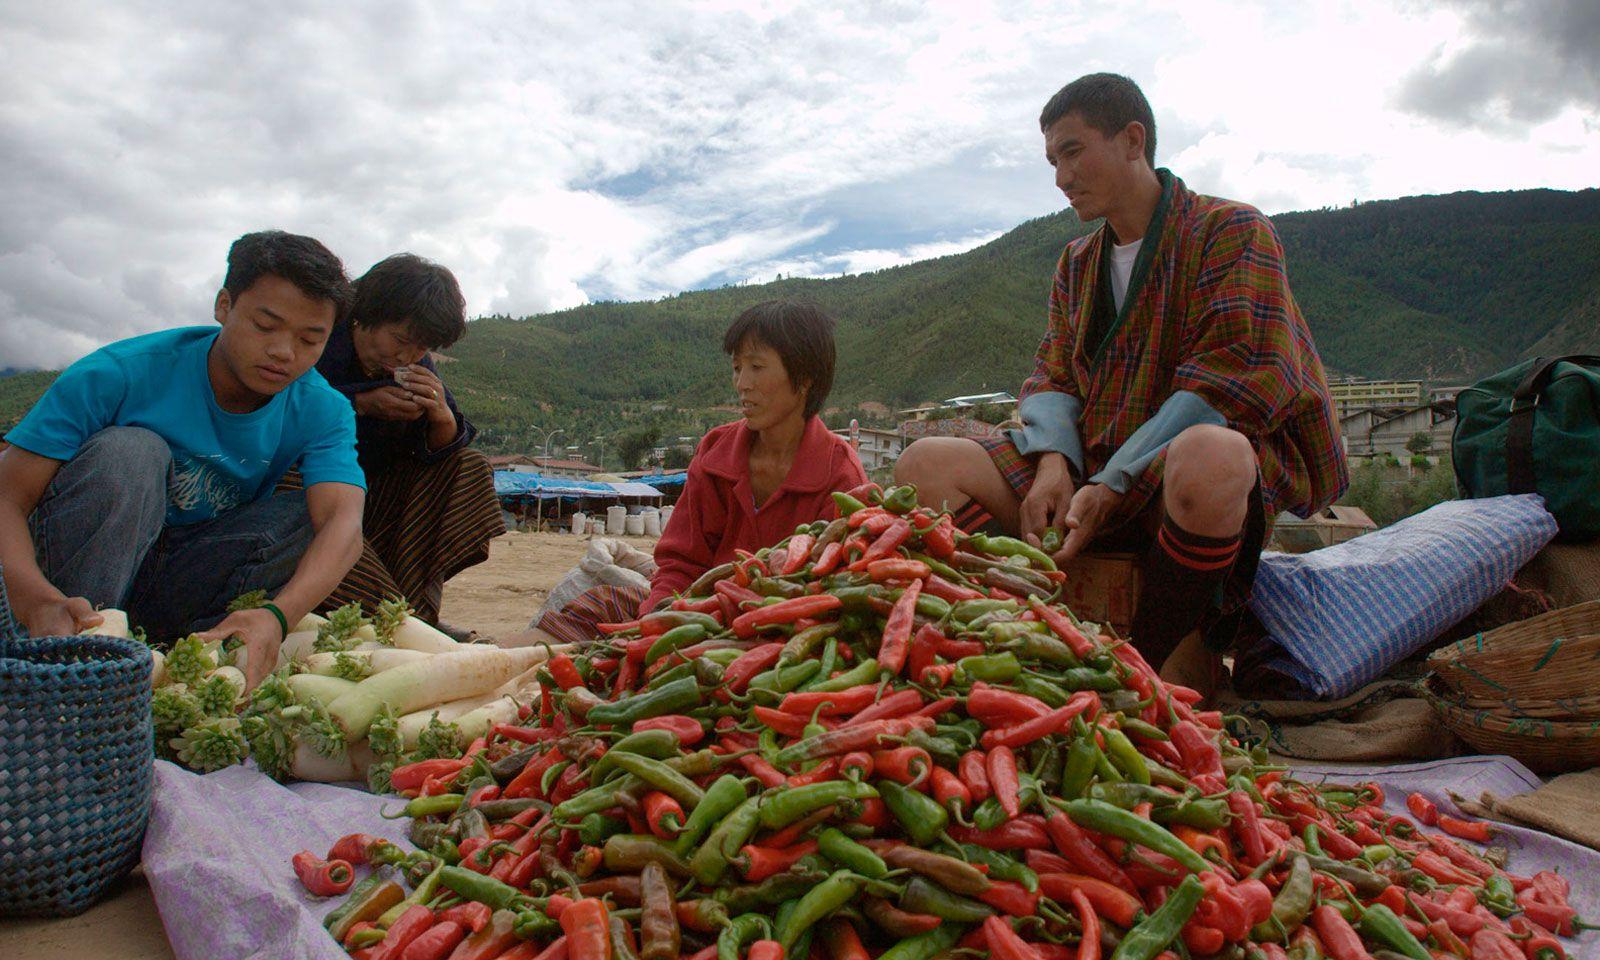 Chilis sind ein Hauptnahrungsmittel, trocken und frisch.